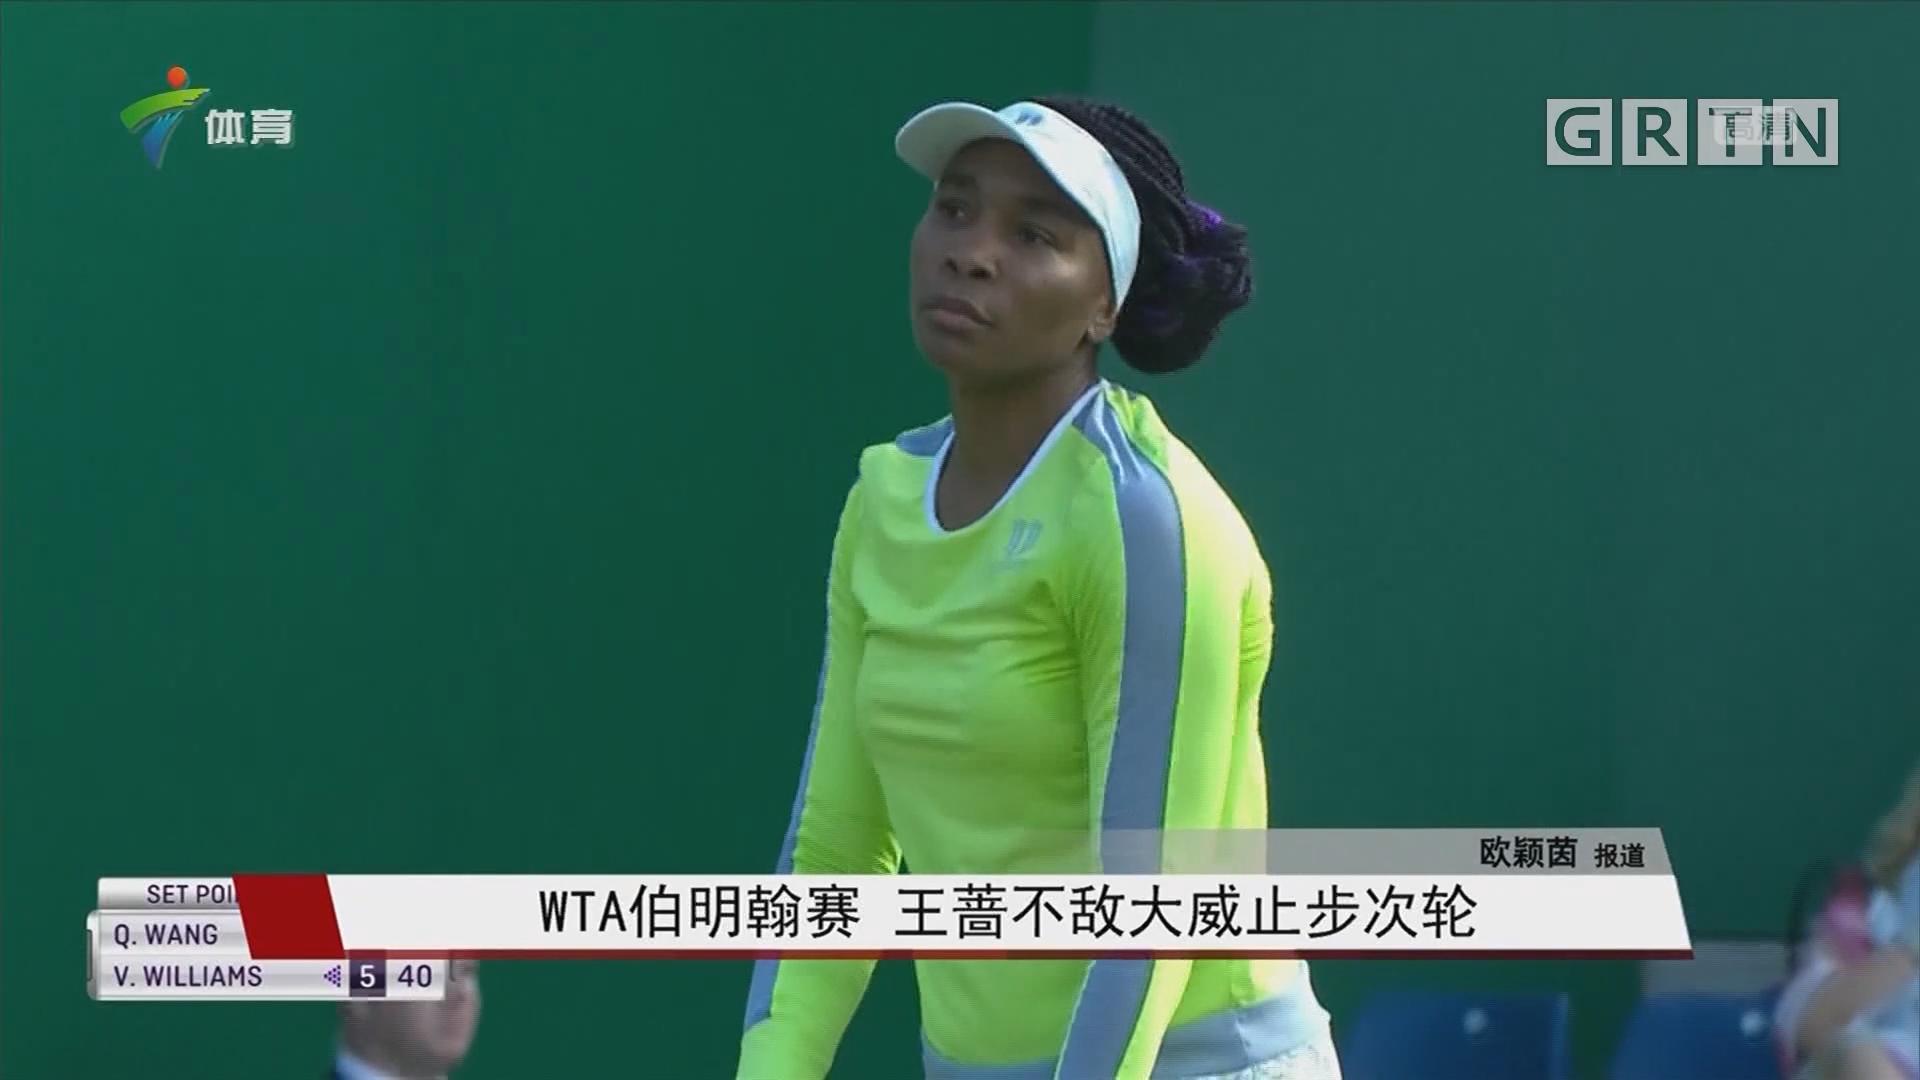 WTA伯明翰赛 王蔷不敌大威止步次轮